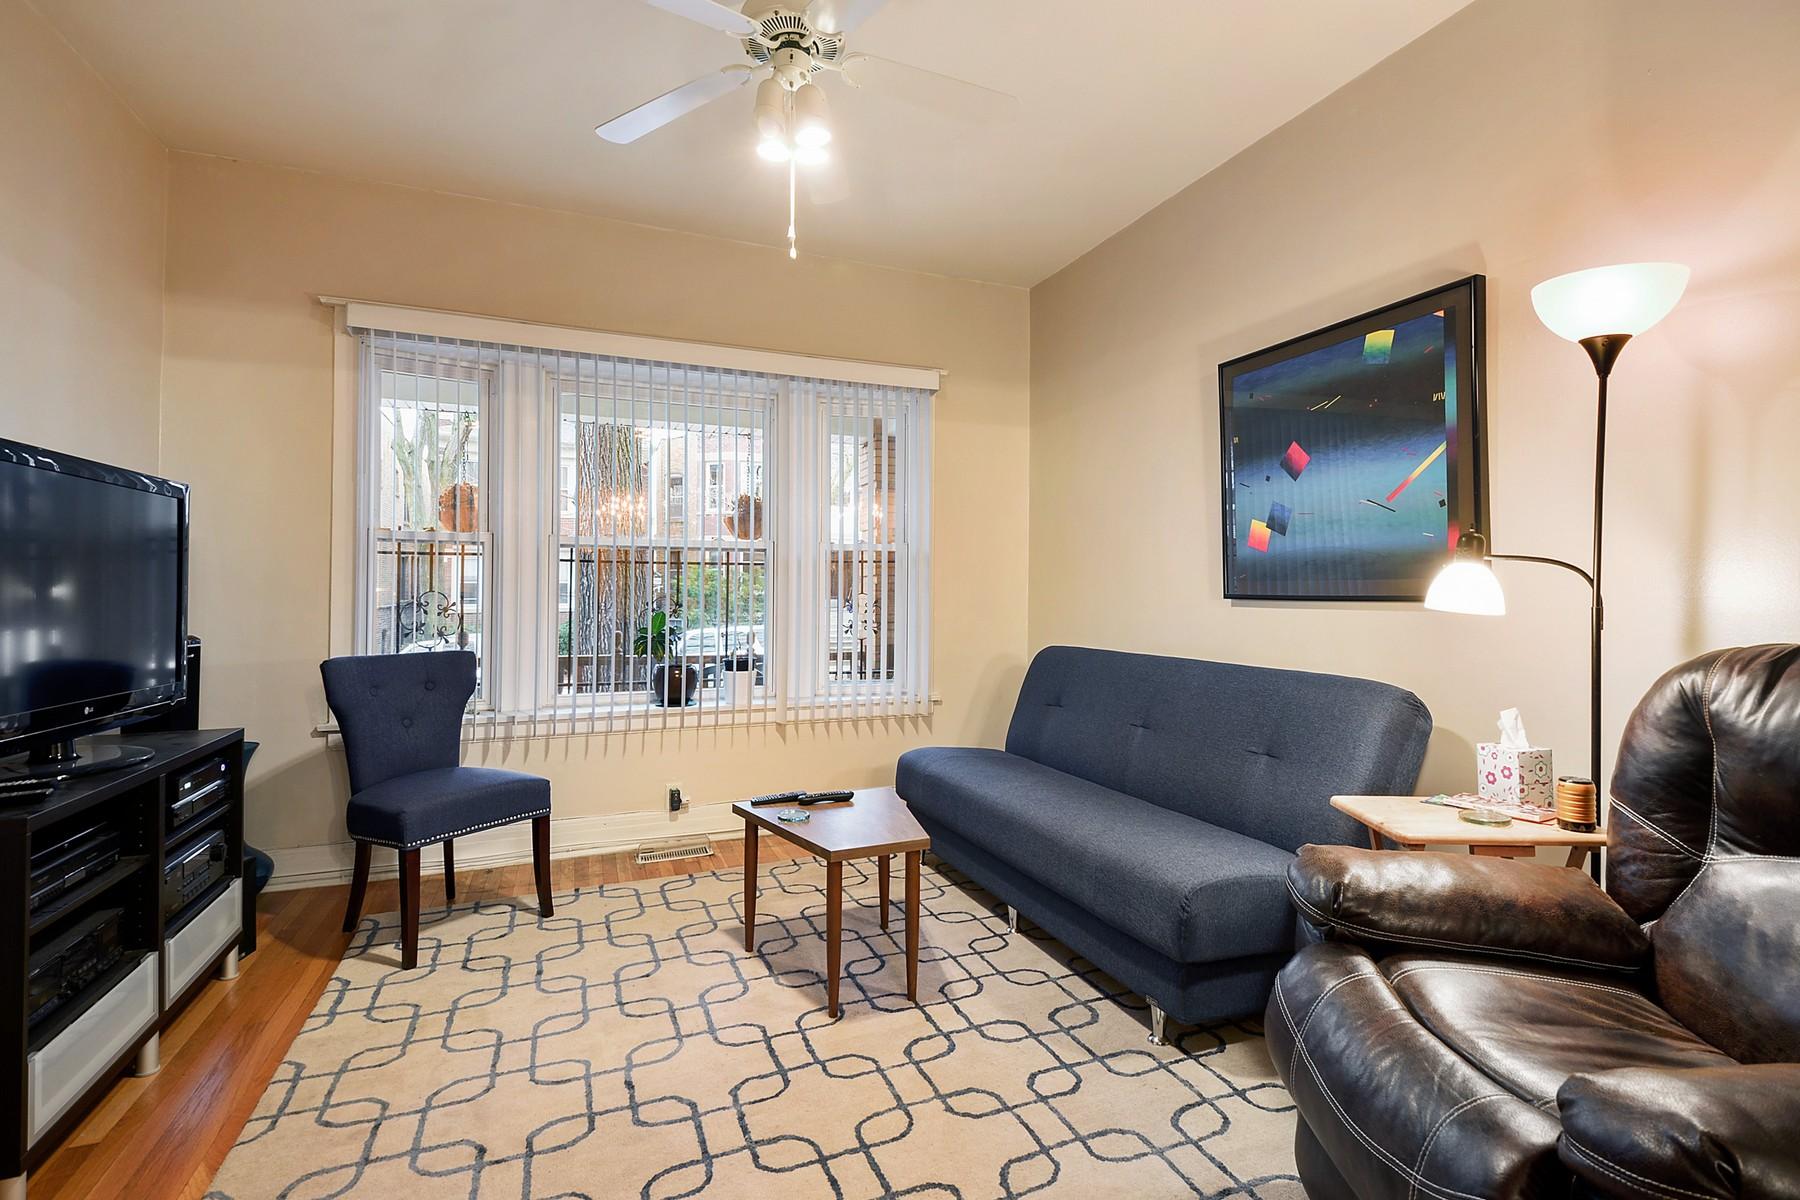 Maison unifamiliale pour l Vente à Brick Two Flat 4443 N Artesian Avenue Lincoln Square, Chicago, Illinois, 60625 États-Unis